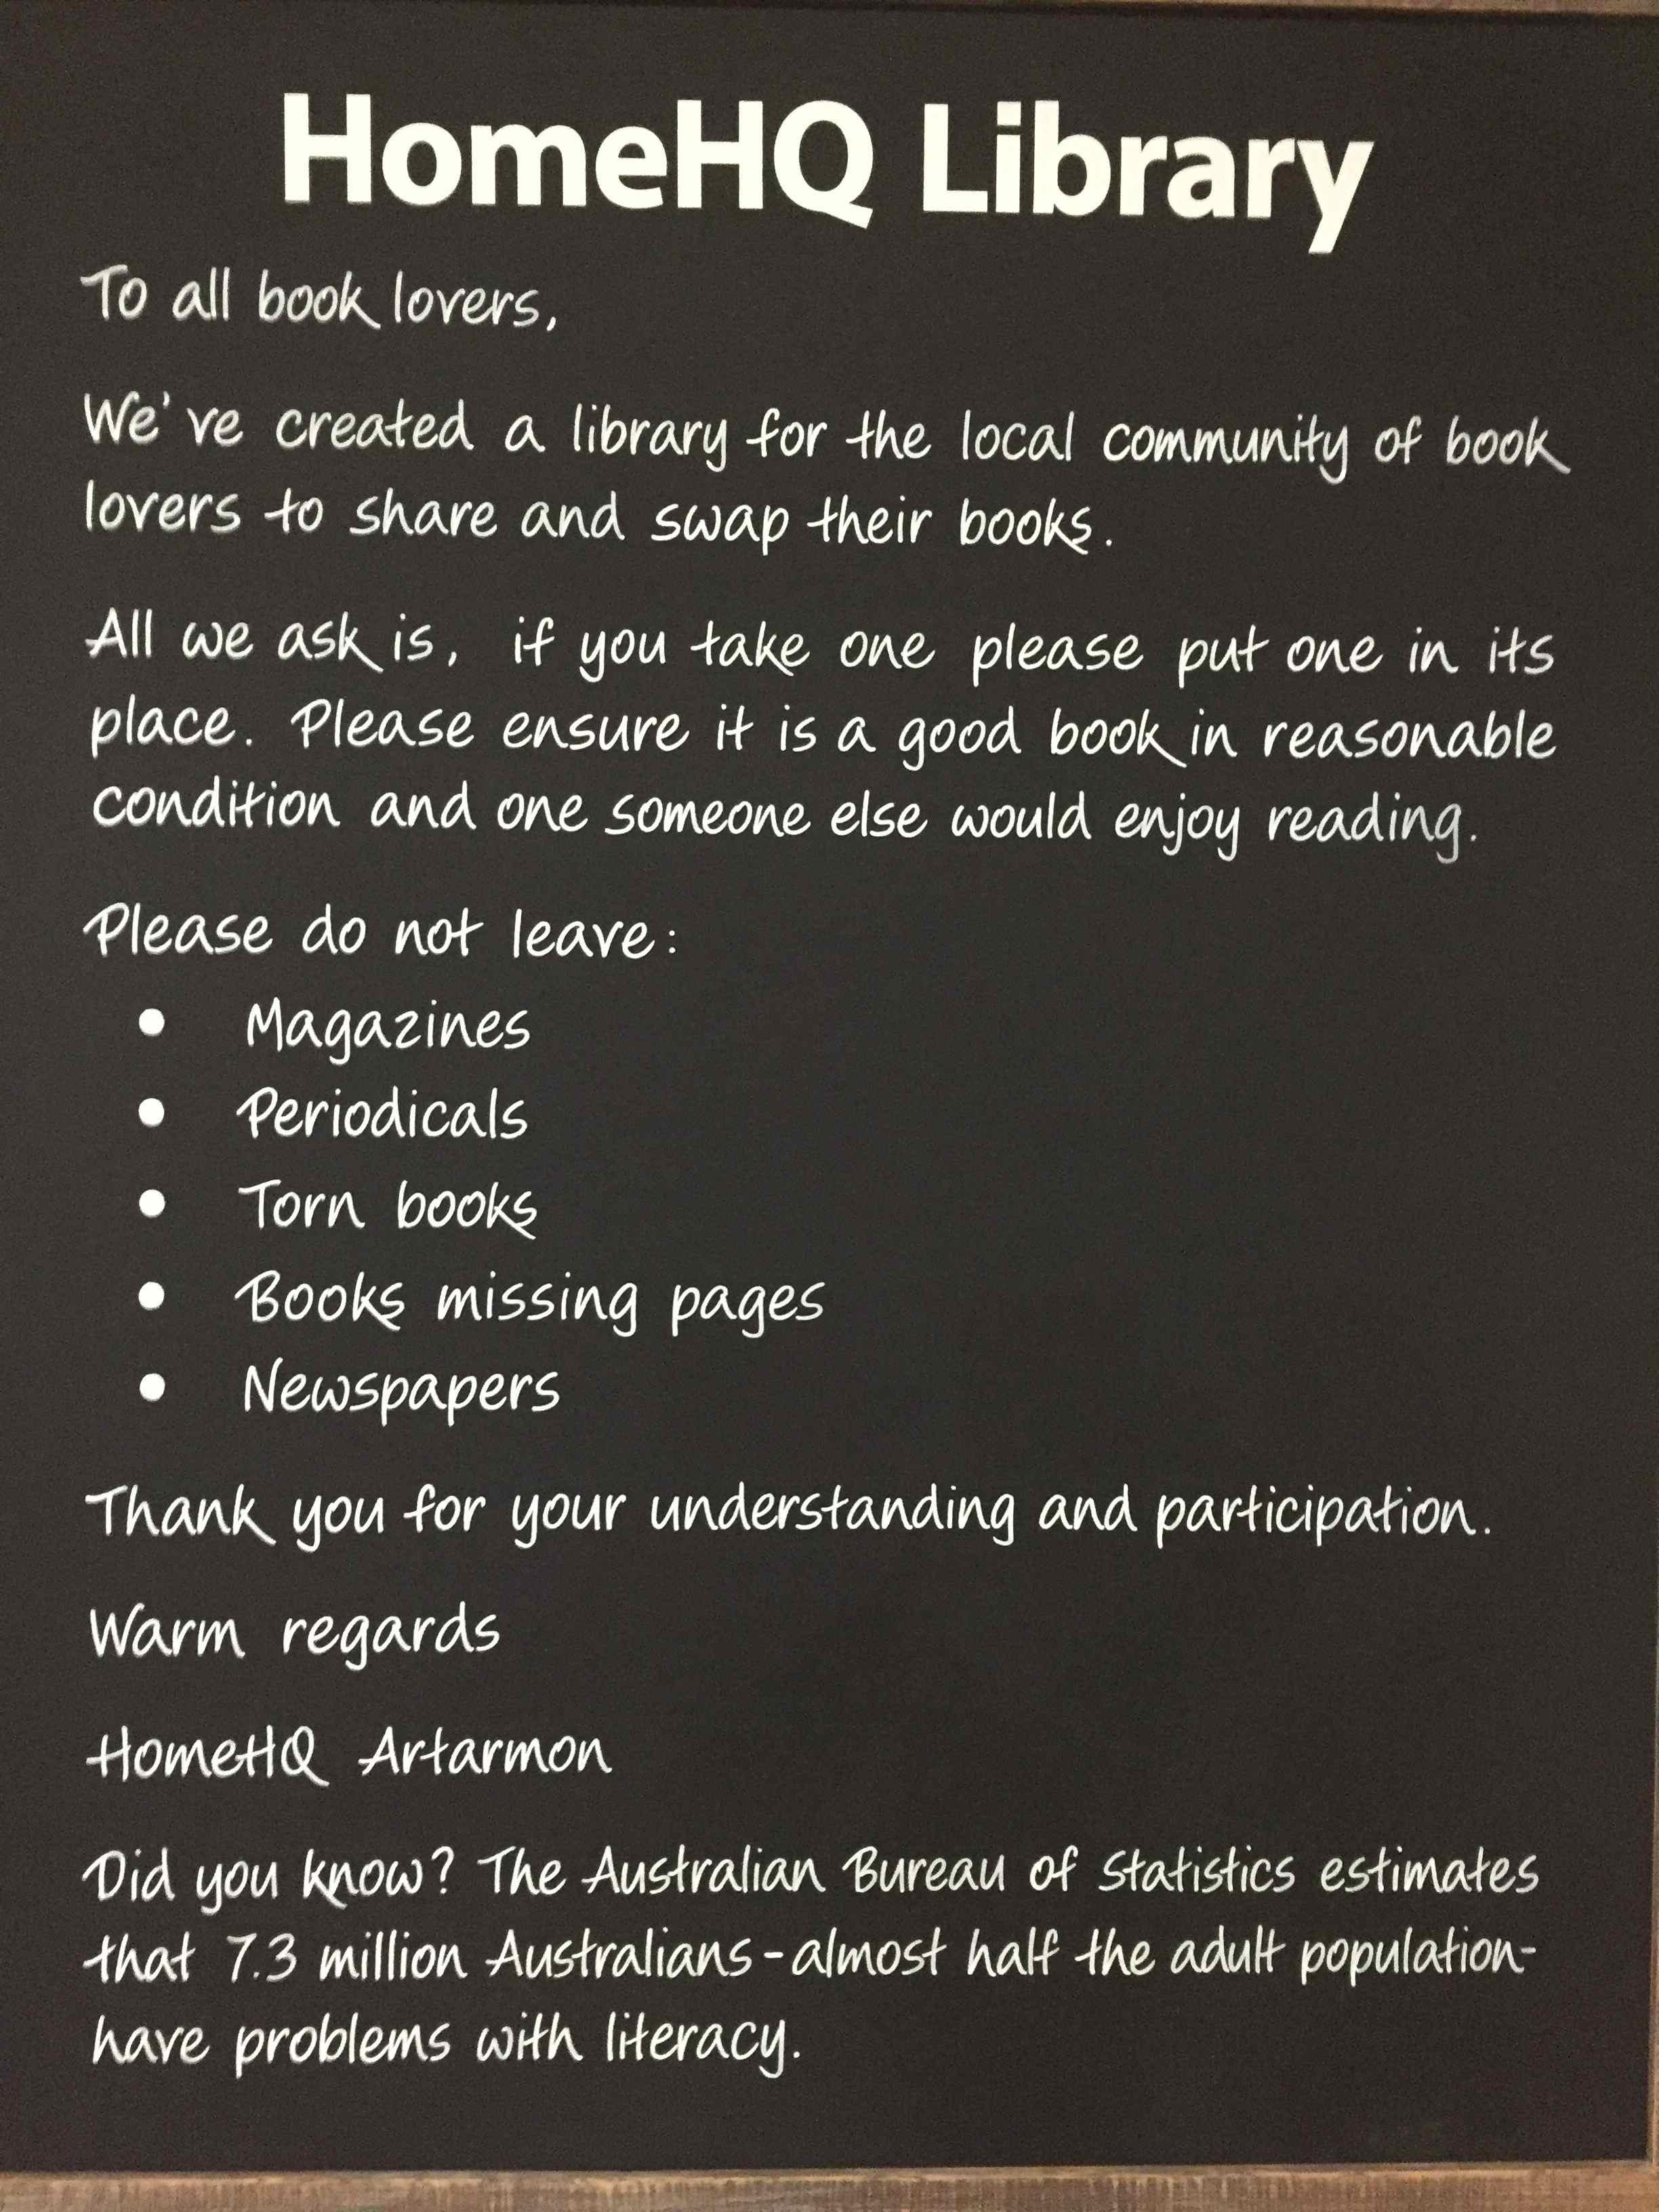 Home HQ Artarmon Library